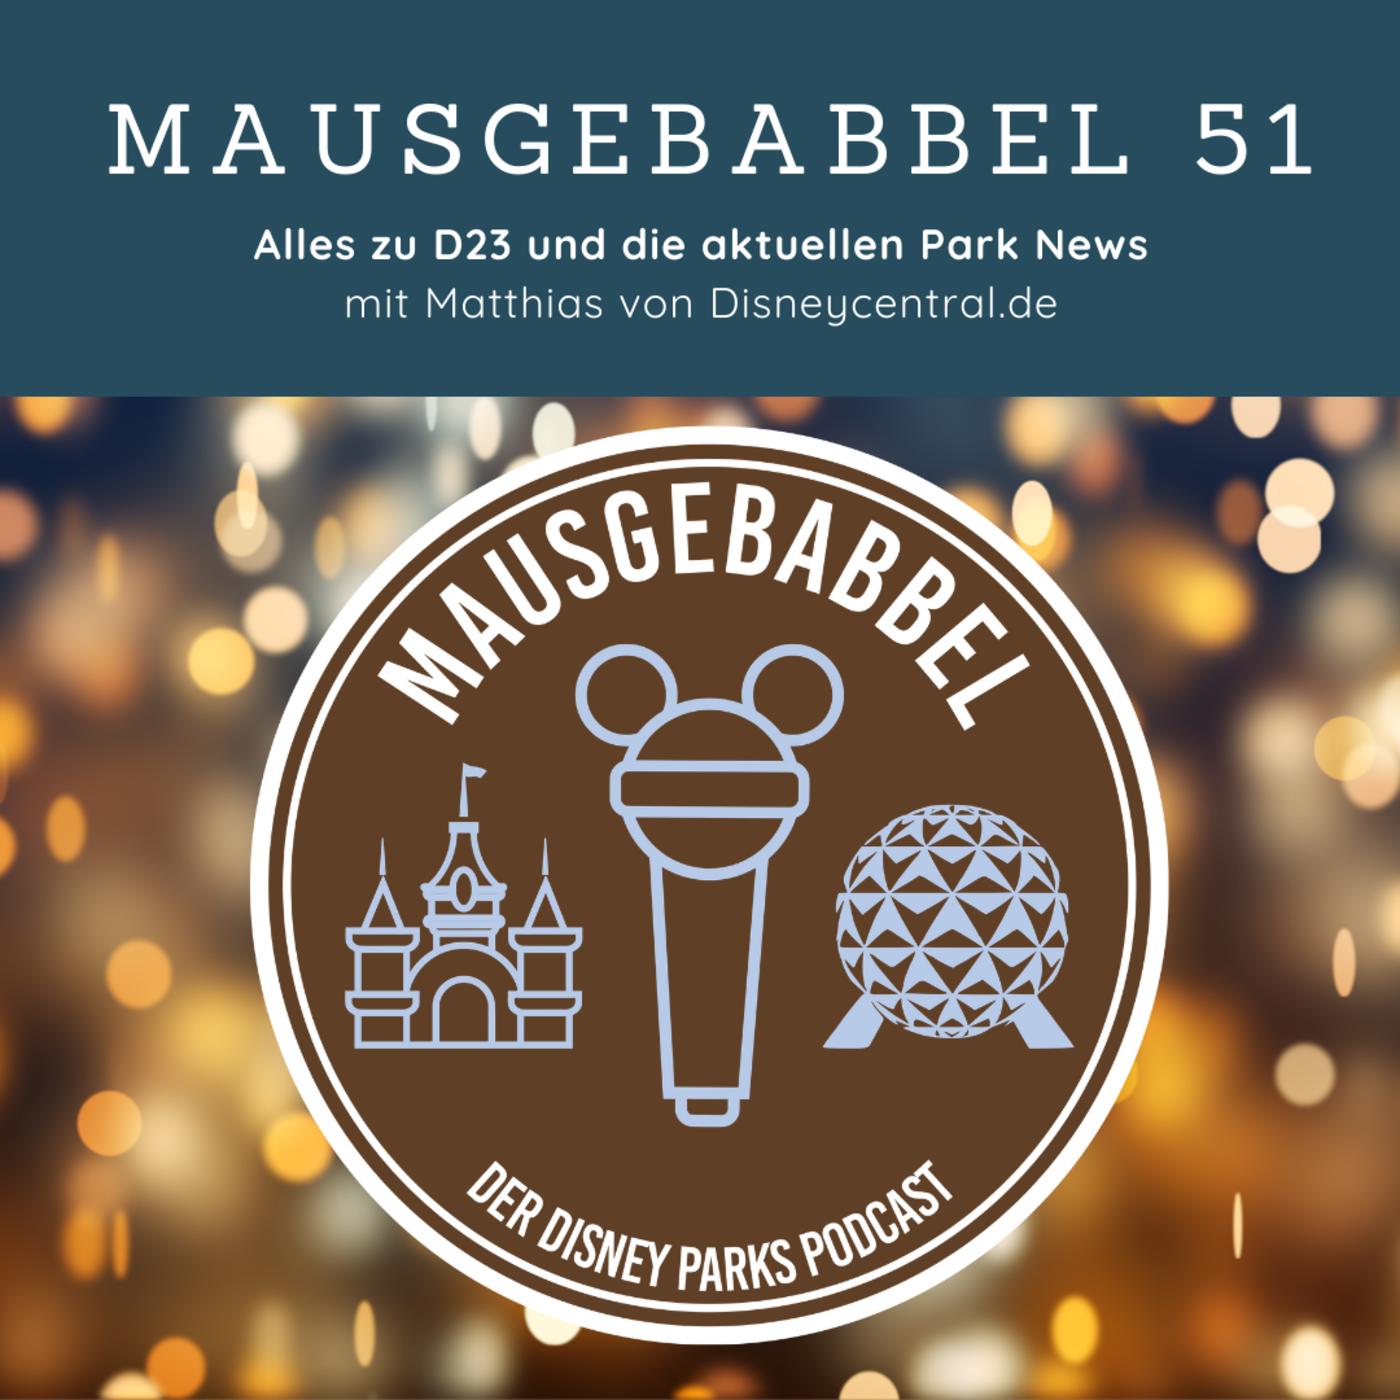 Cover Mausgebabbel - Der Disney Parks Podcast - Episode 51